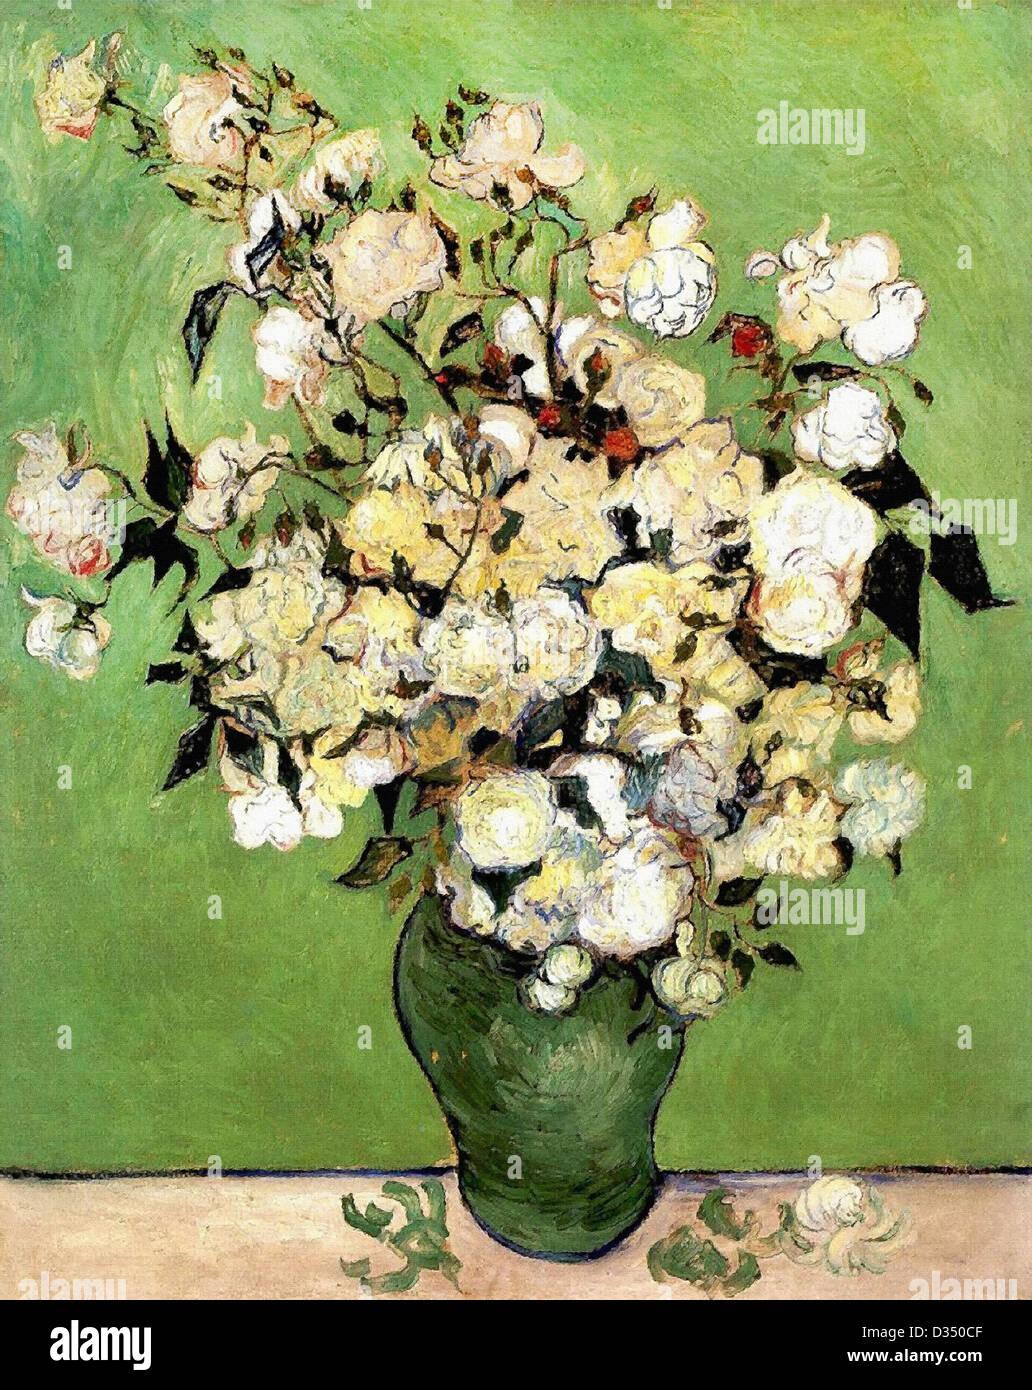 Vincent van Gogh, un vaso di rose. 1889. Post-Impressionism. Olio su tela. Annenberg collezione privata, Palm Springs. Immagini Stock